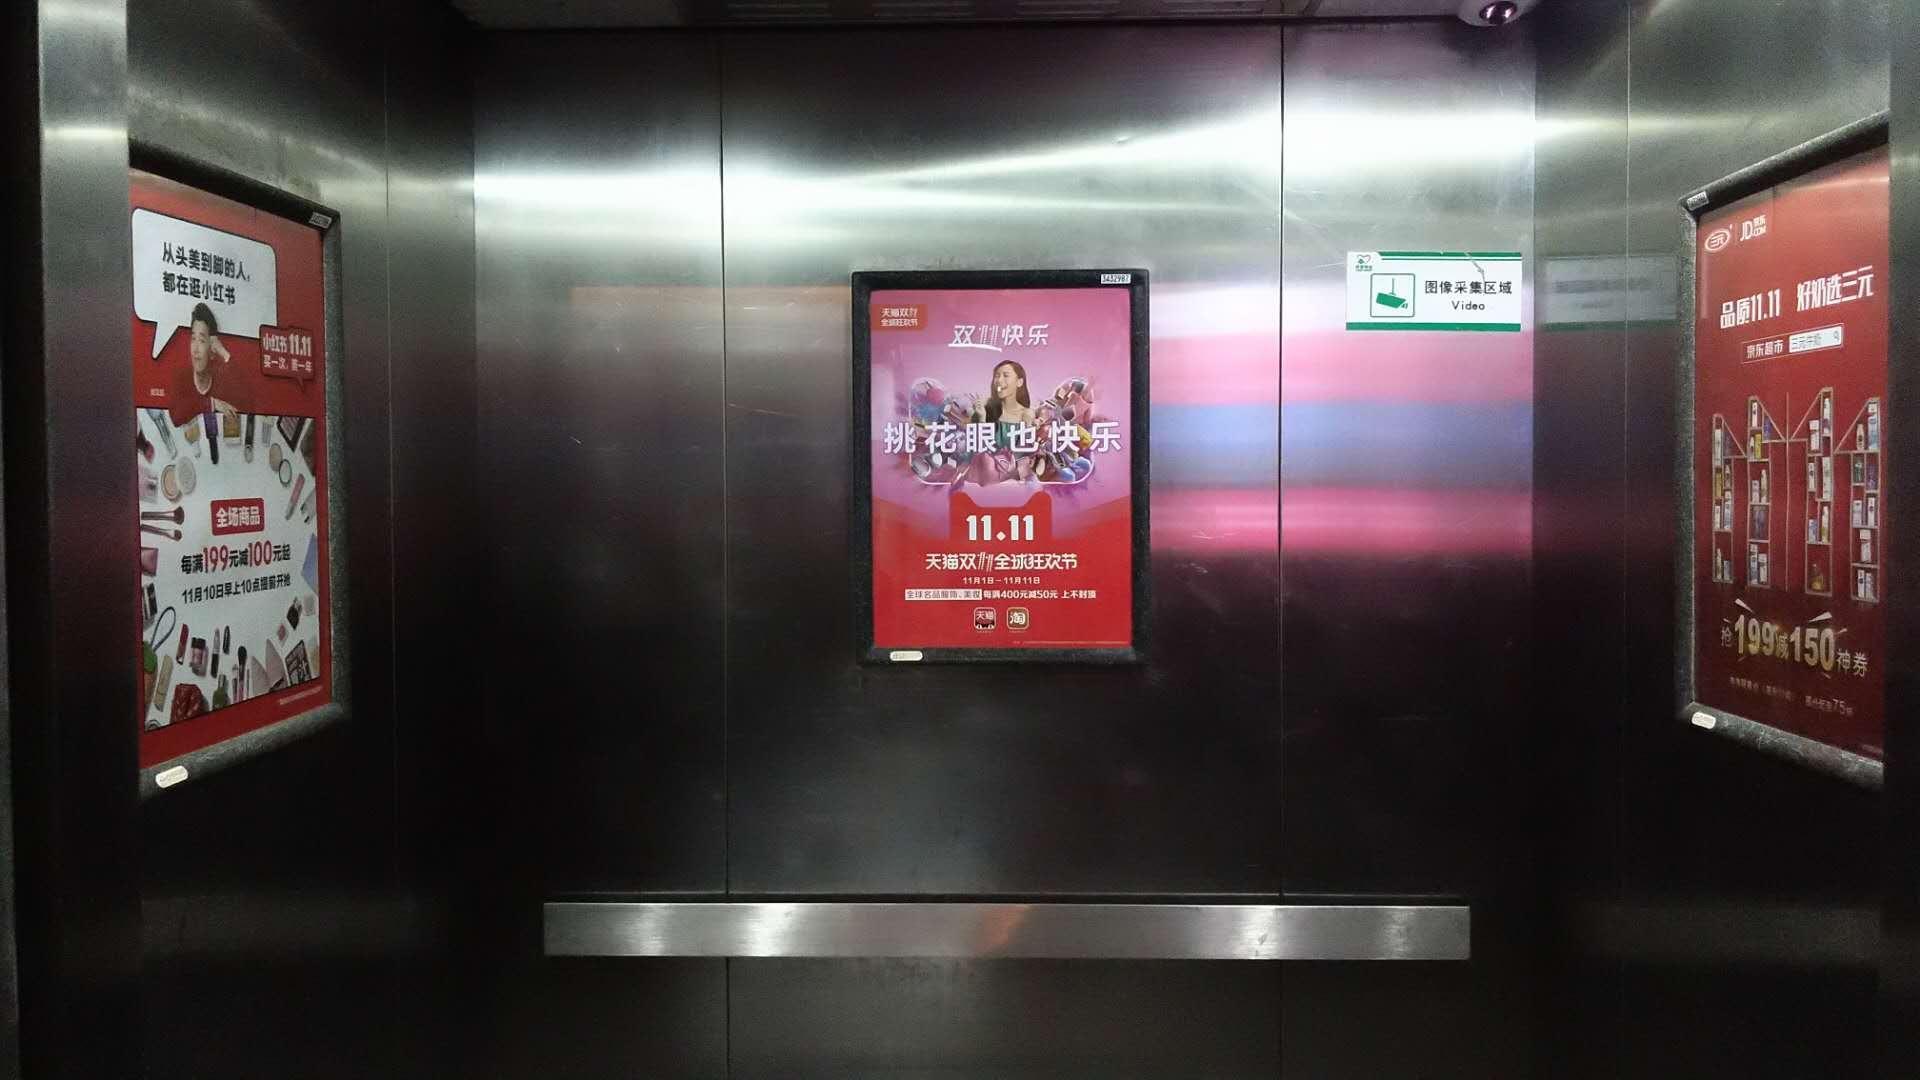 广州写字楼电梯广告/写字楼电梯口海报广告/写字楼电梯广告投放公司/写字楼电梯广告价格/天河区写字楼广告位